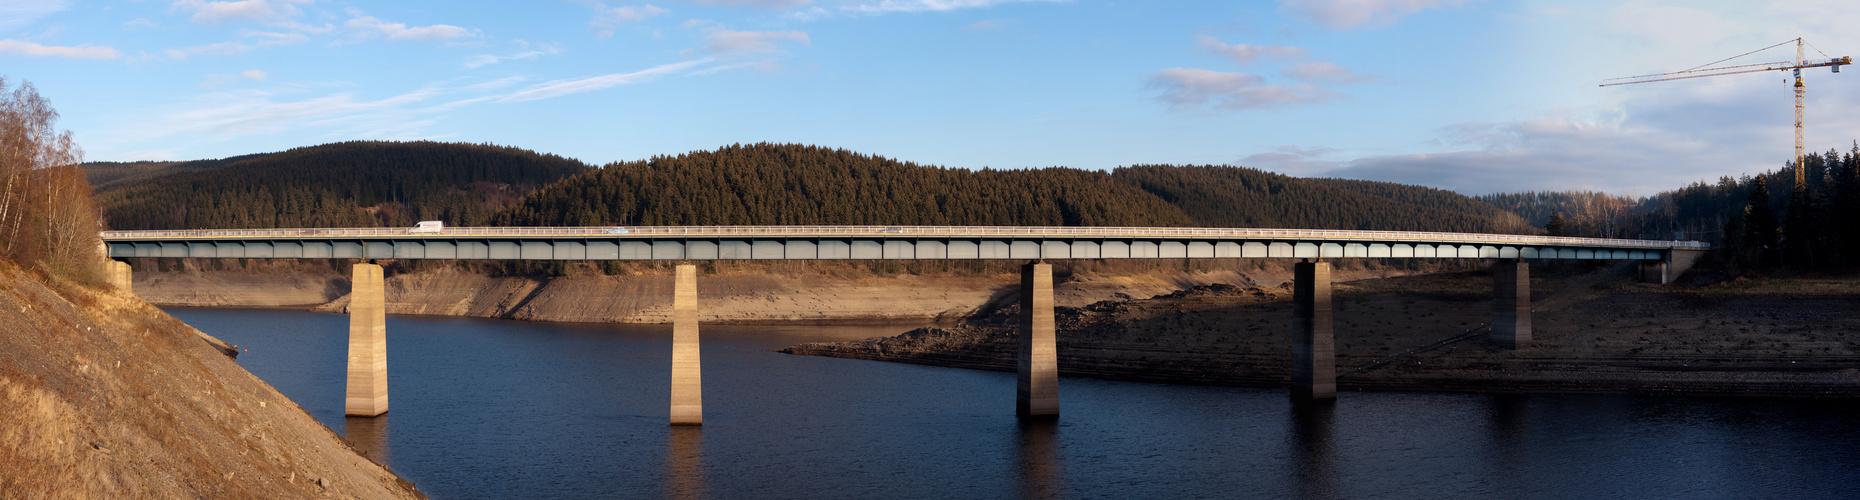 Okertalsperre - Weisswasserbrücke